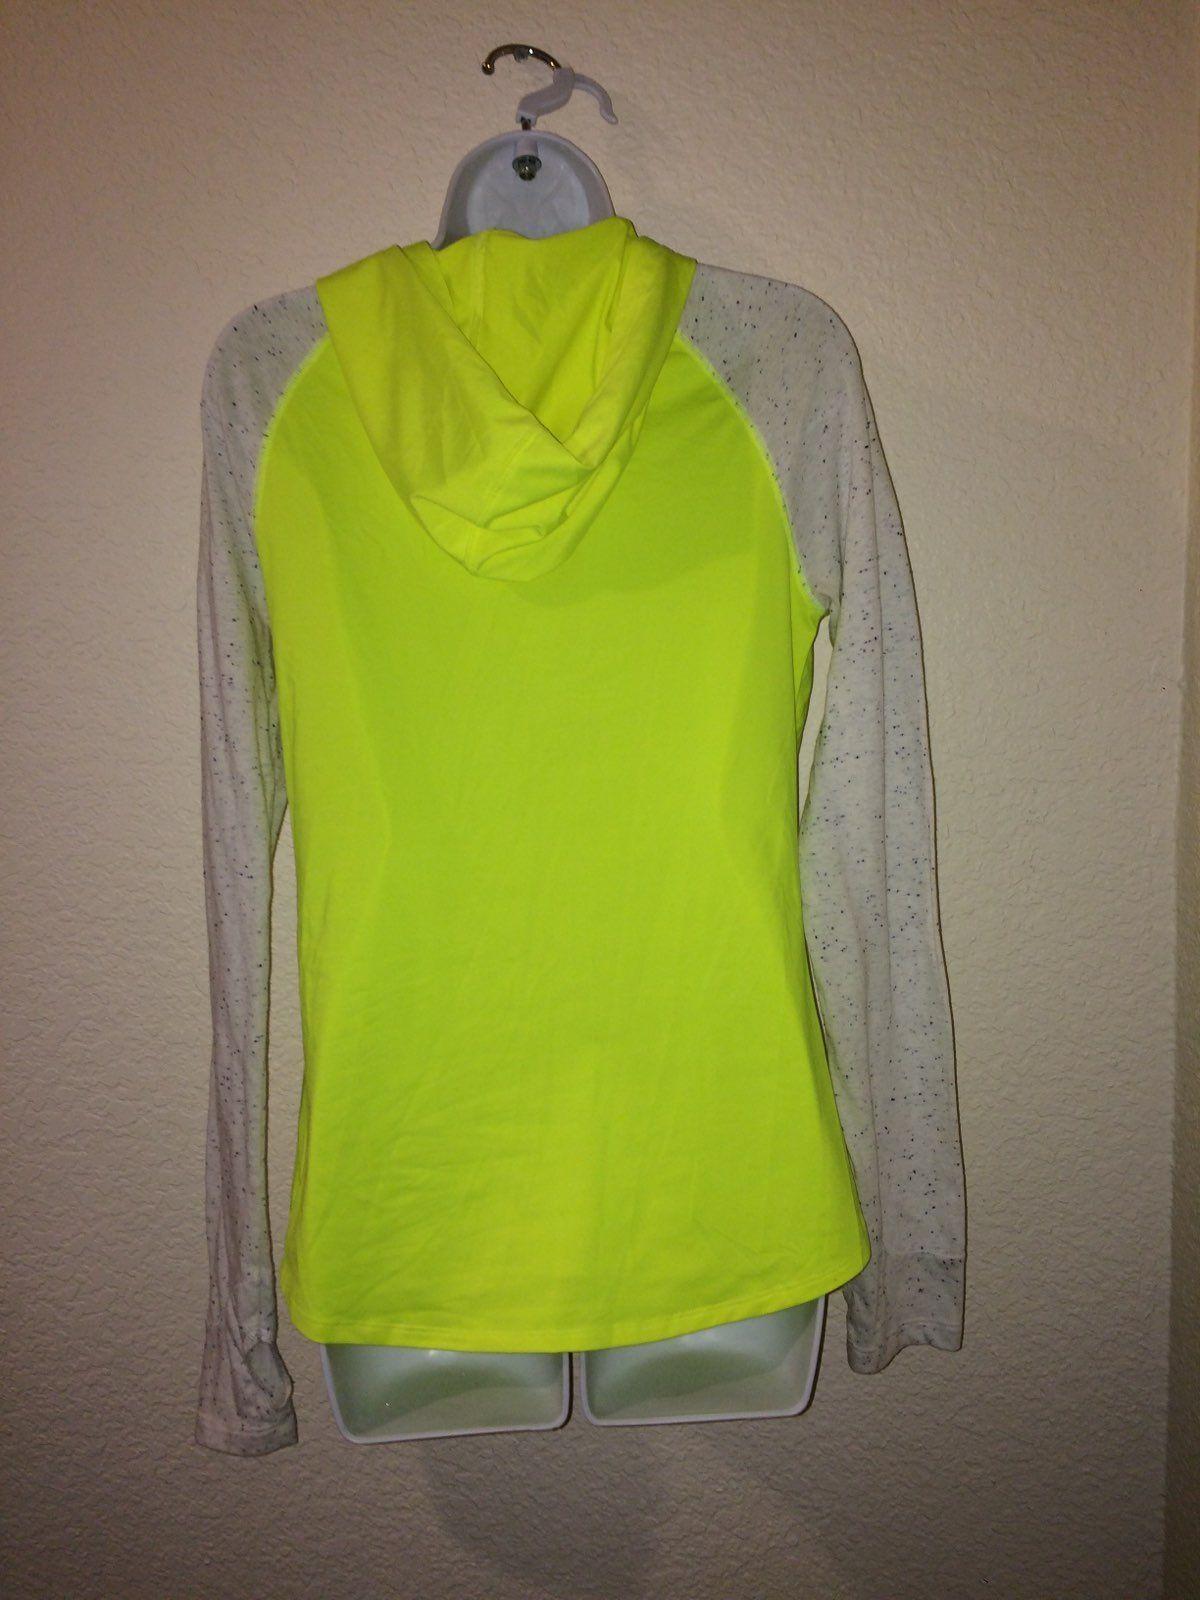 NWOT VS PINK Lightweight Sweater/Hoodie - Mercari: BUY & SELL ...